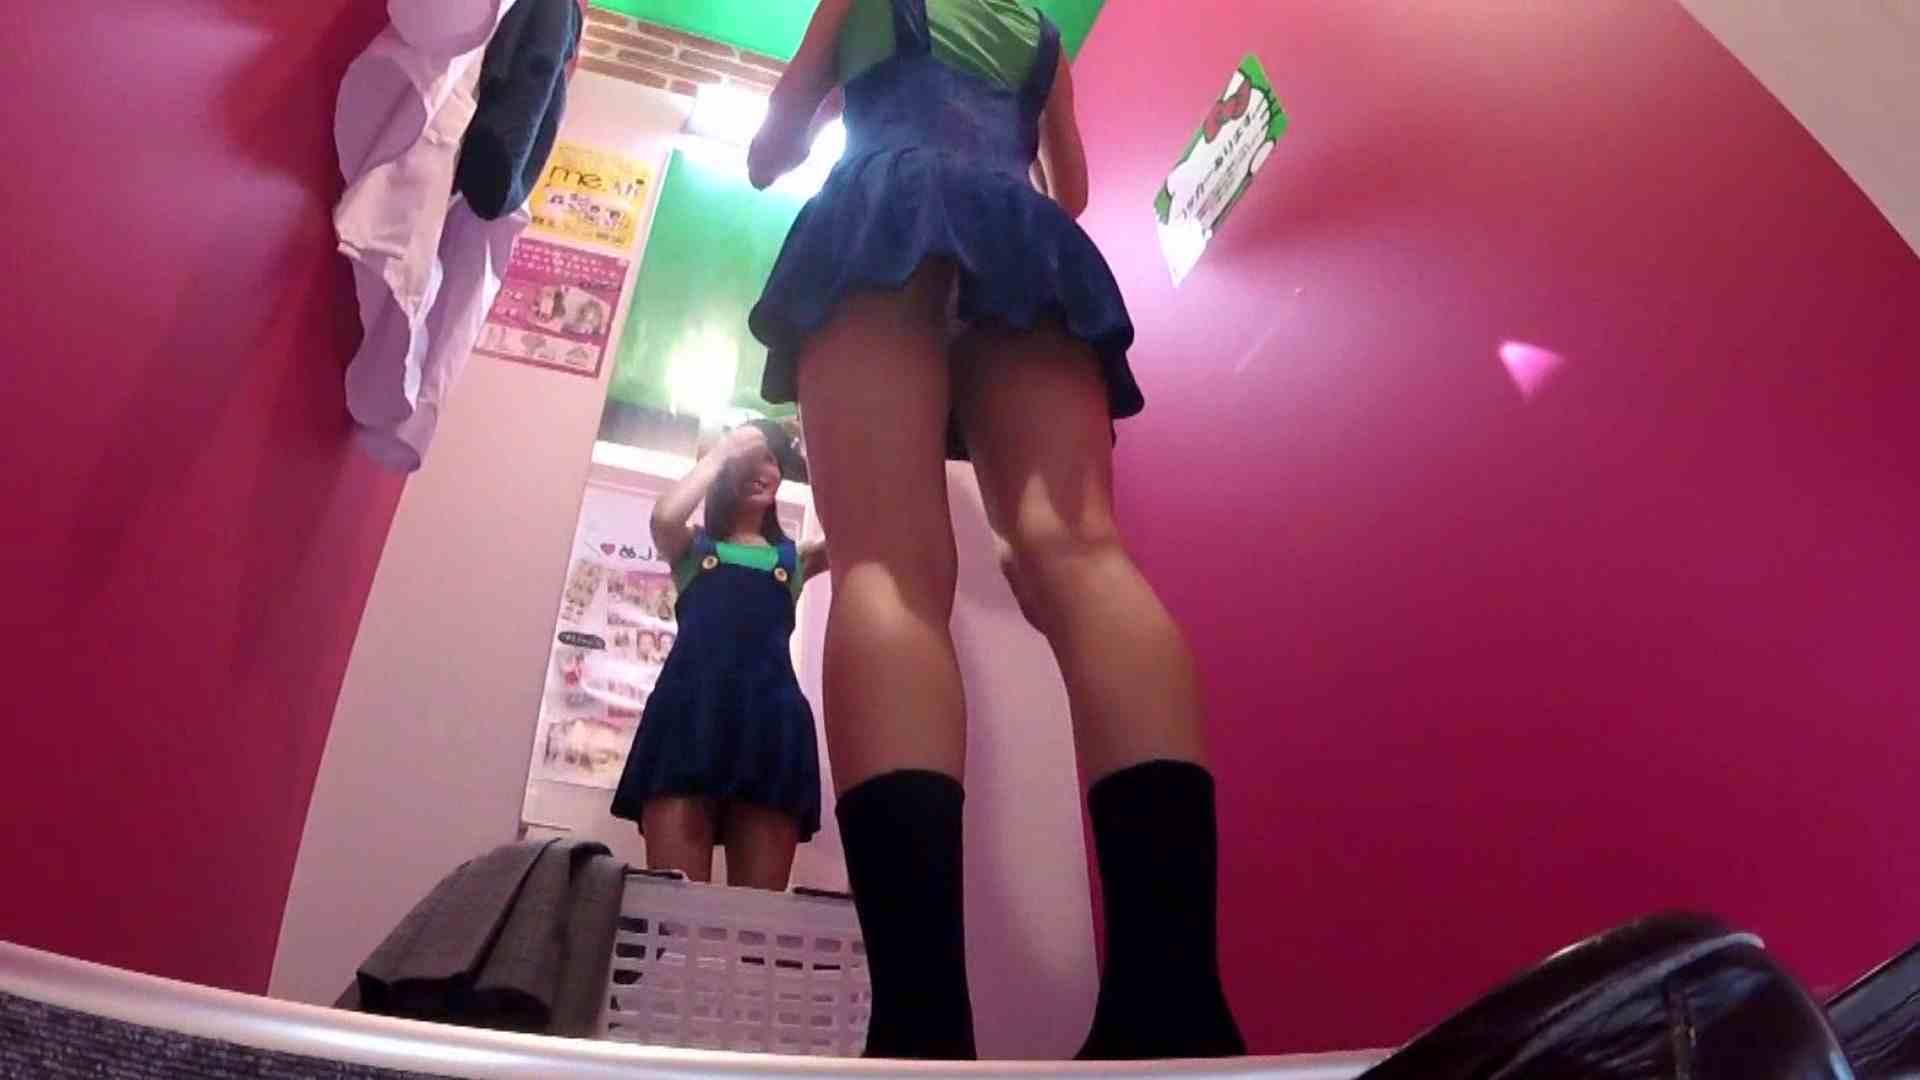 夢見る乙女の試着室 Vol.32 OLの実態 盗撮おめこ無修正動画無料 41pic 26